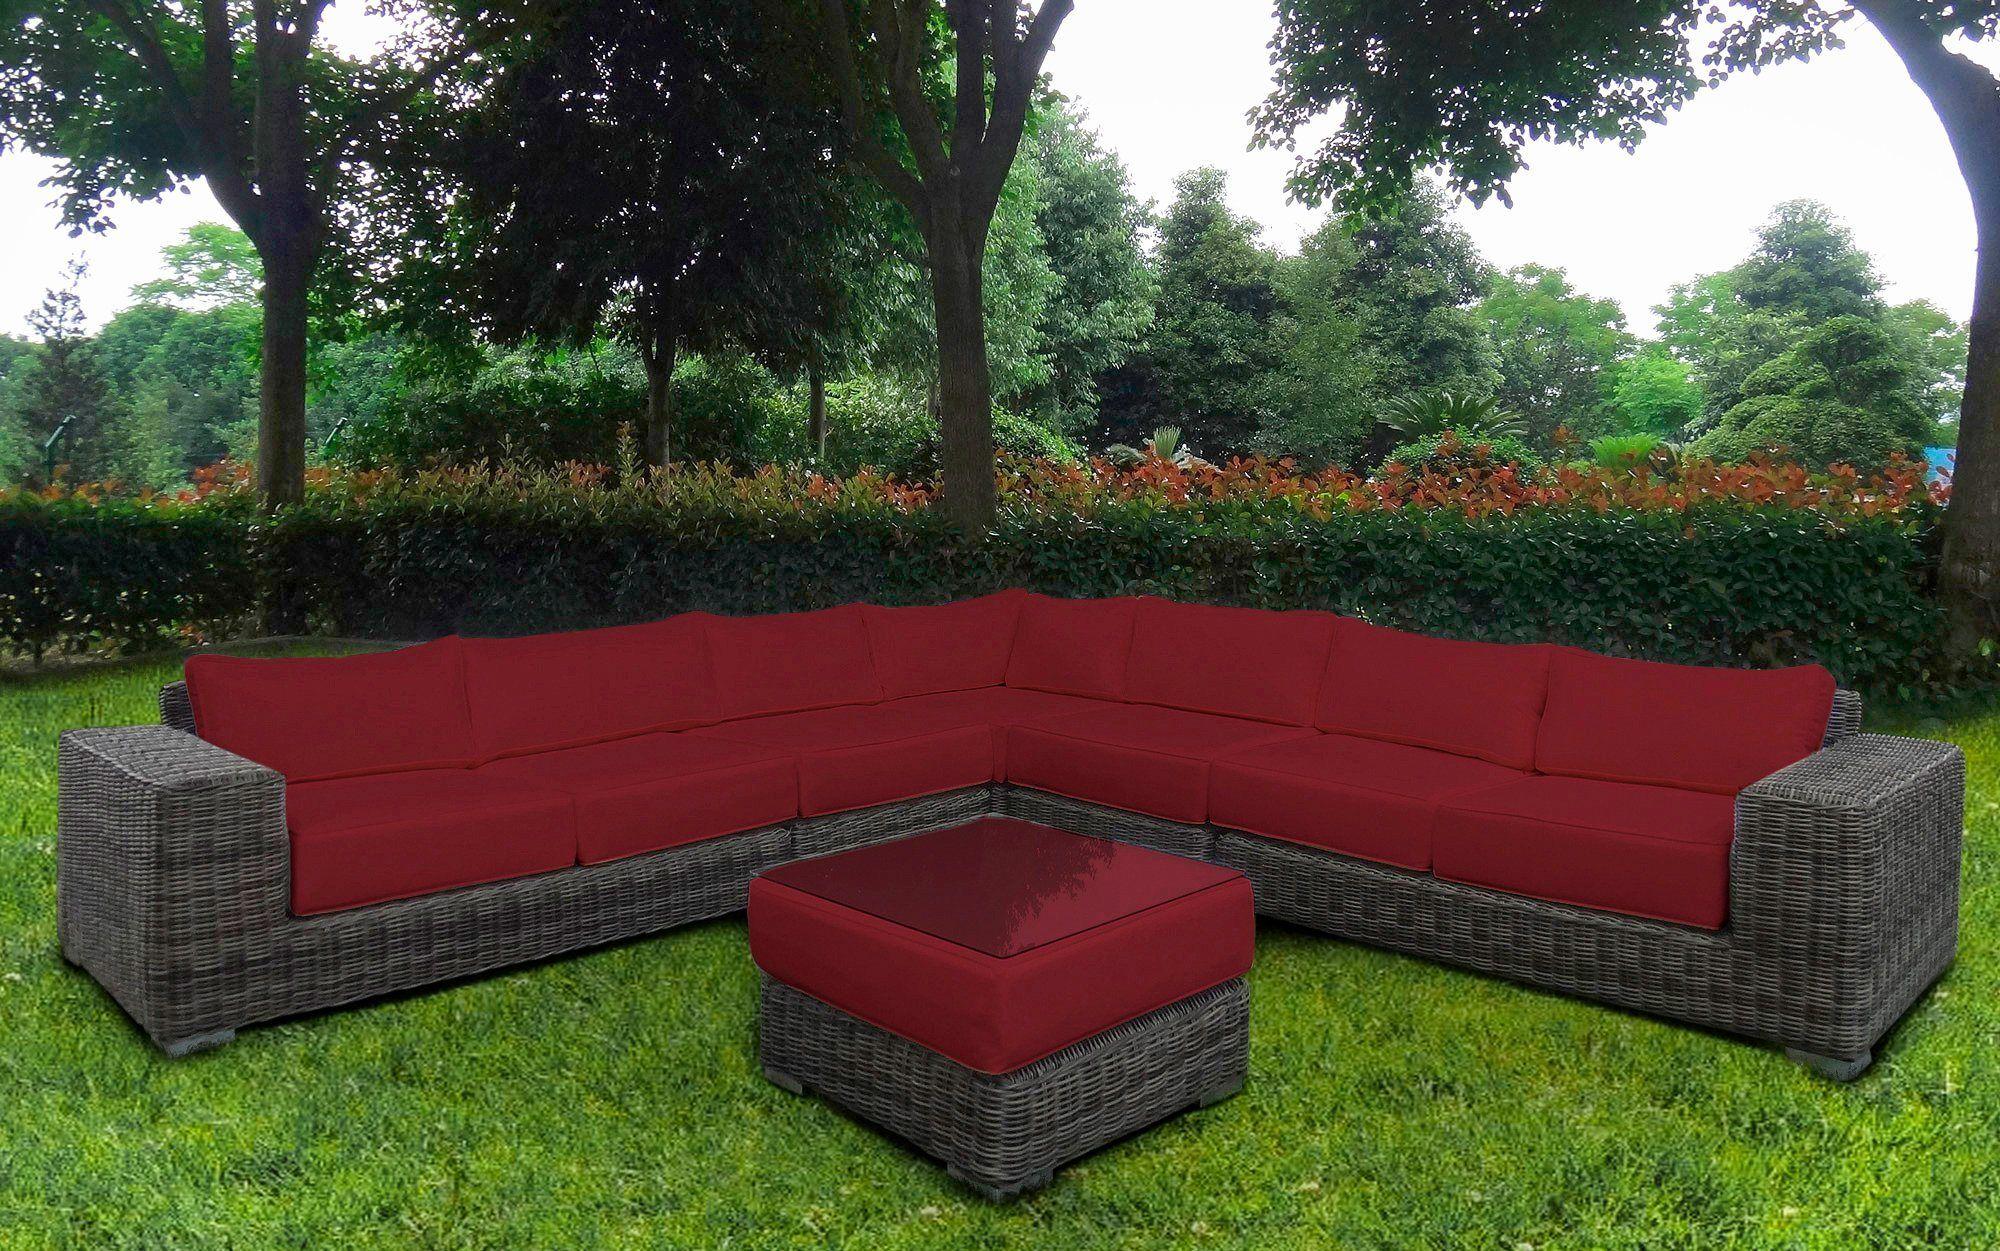 Baidani Loungeset Sensation 21 Tlg Ecklounge Tisch 67x67x40 Cm Polyrattan Jetzt Bestellen Unter Https Moeb Polyrattan Lounge Mobel Loungemobel Garten